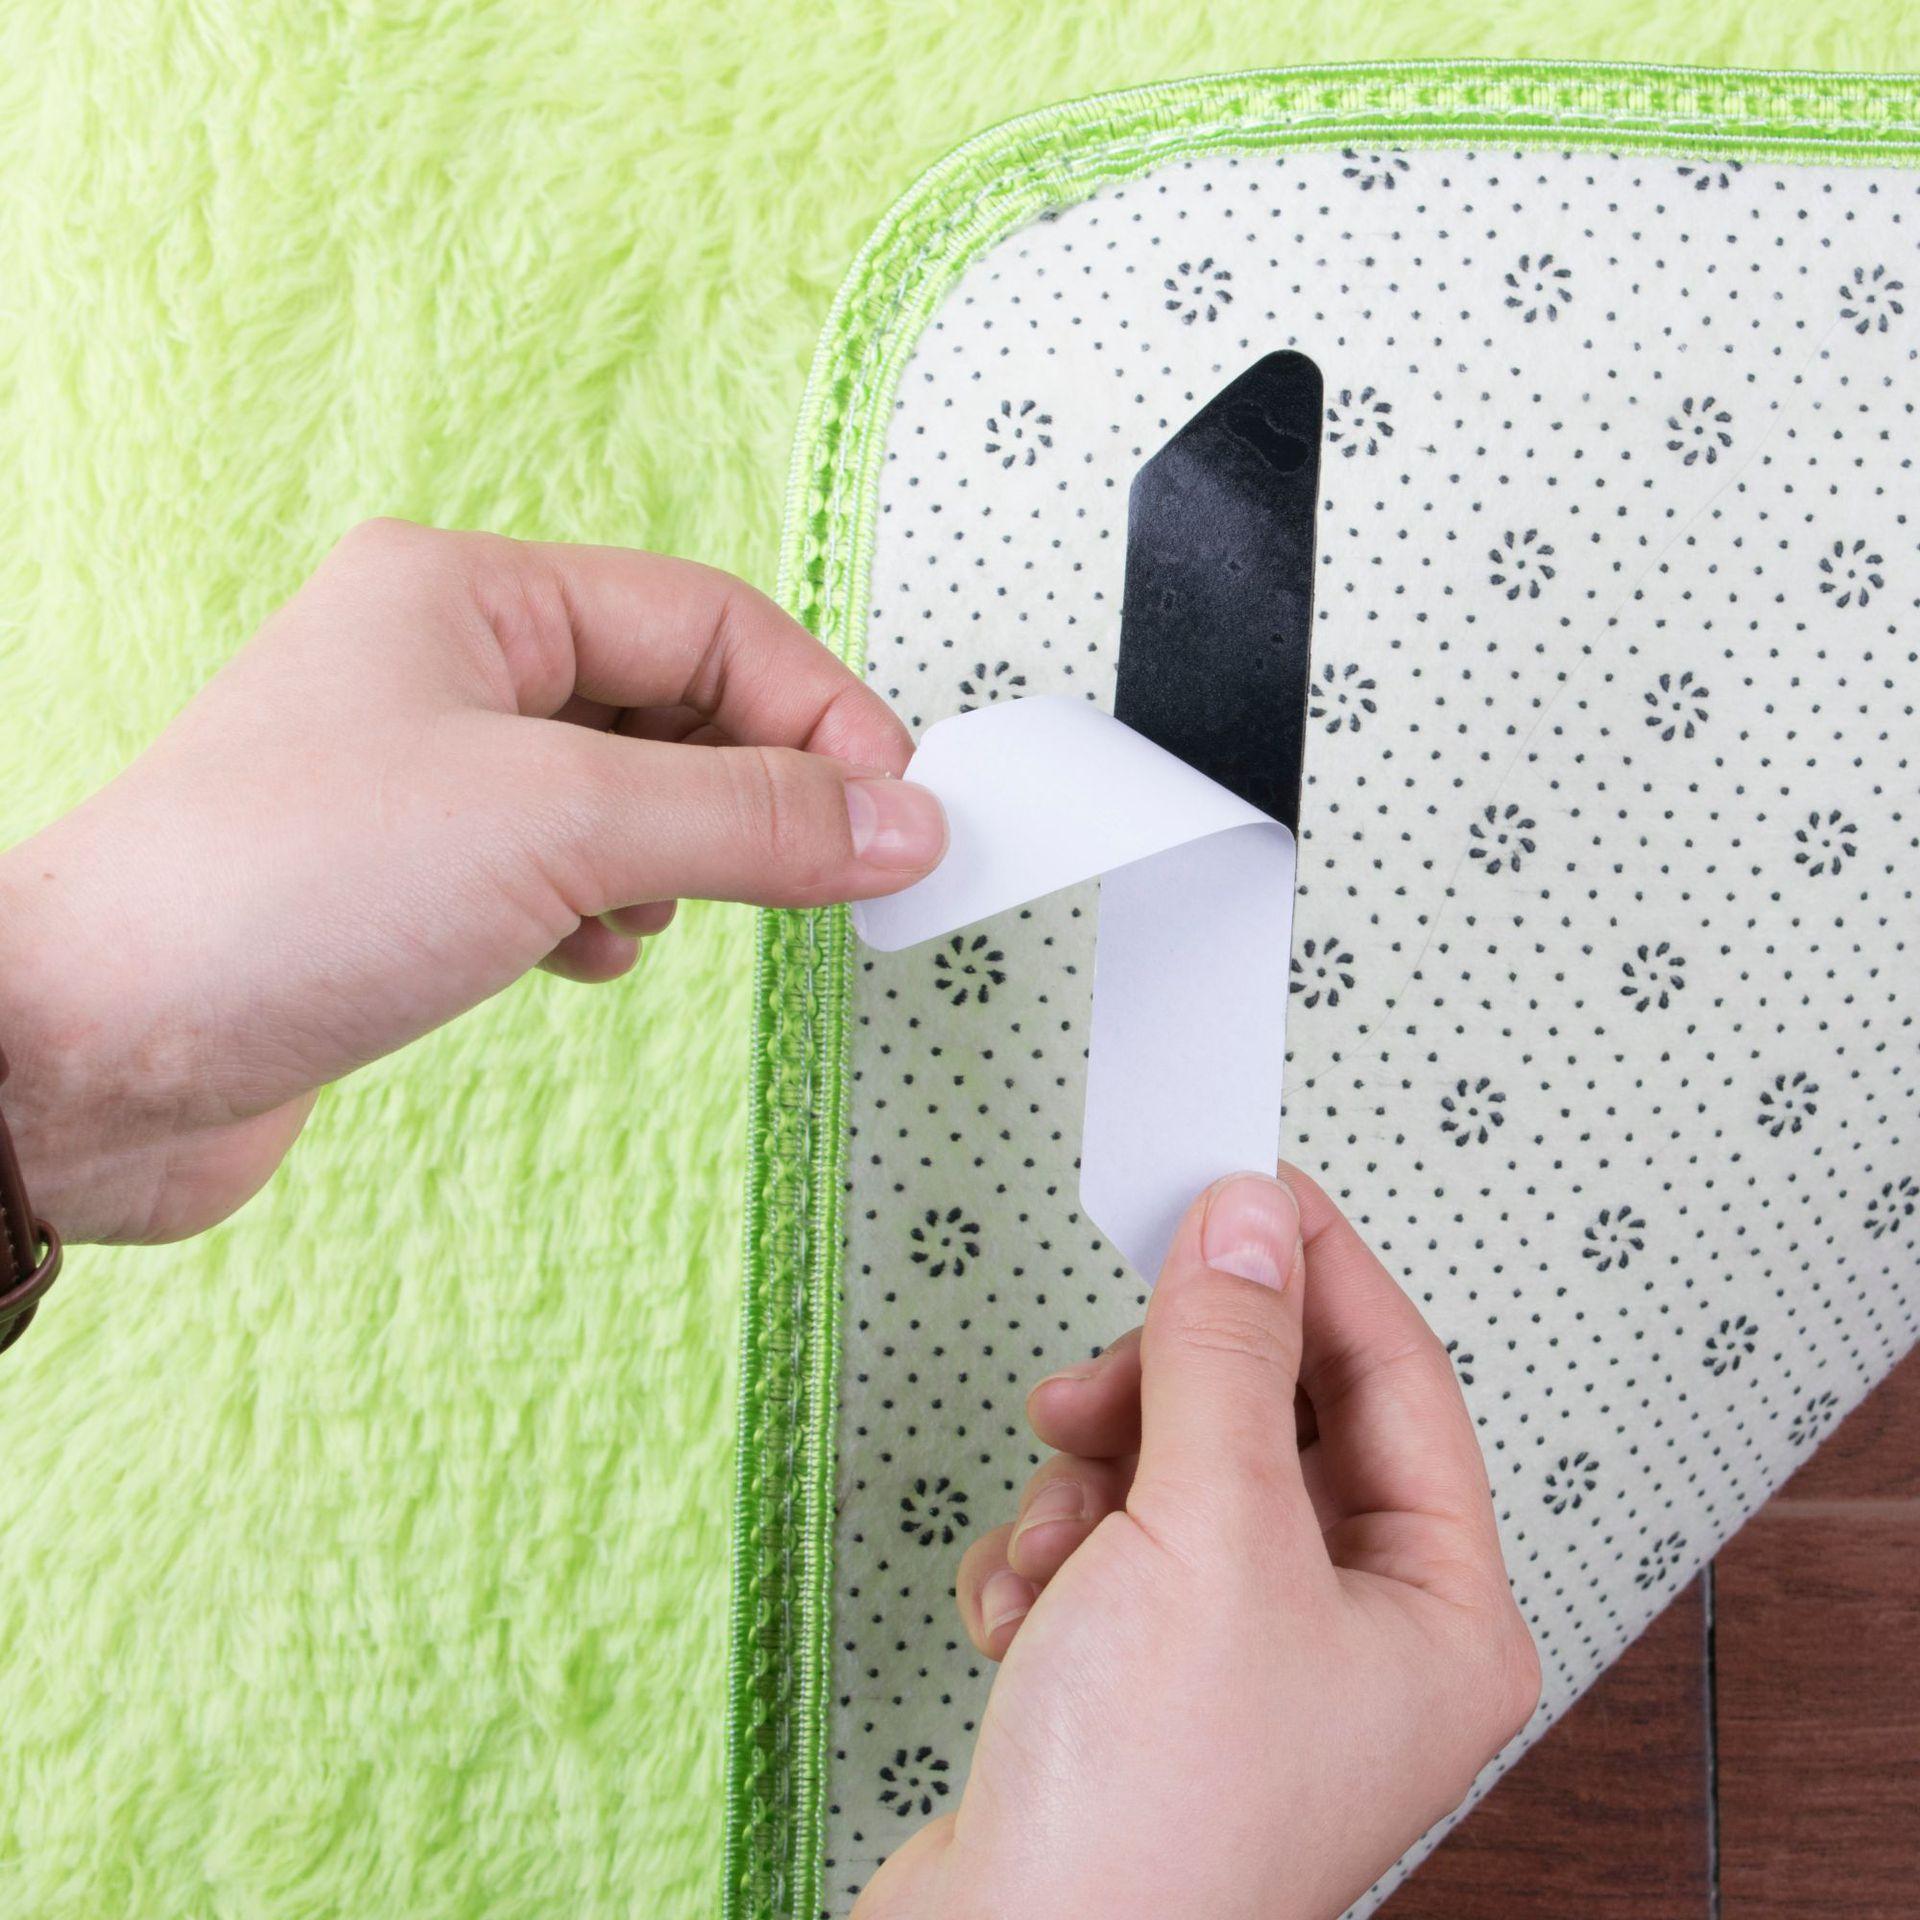 上墻粘貼相框、路由器、電源插排通通上墻 地毯 沙發防滑貼